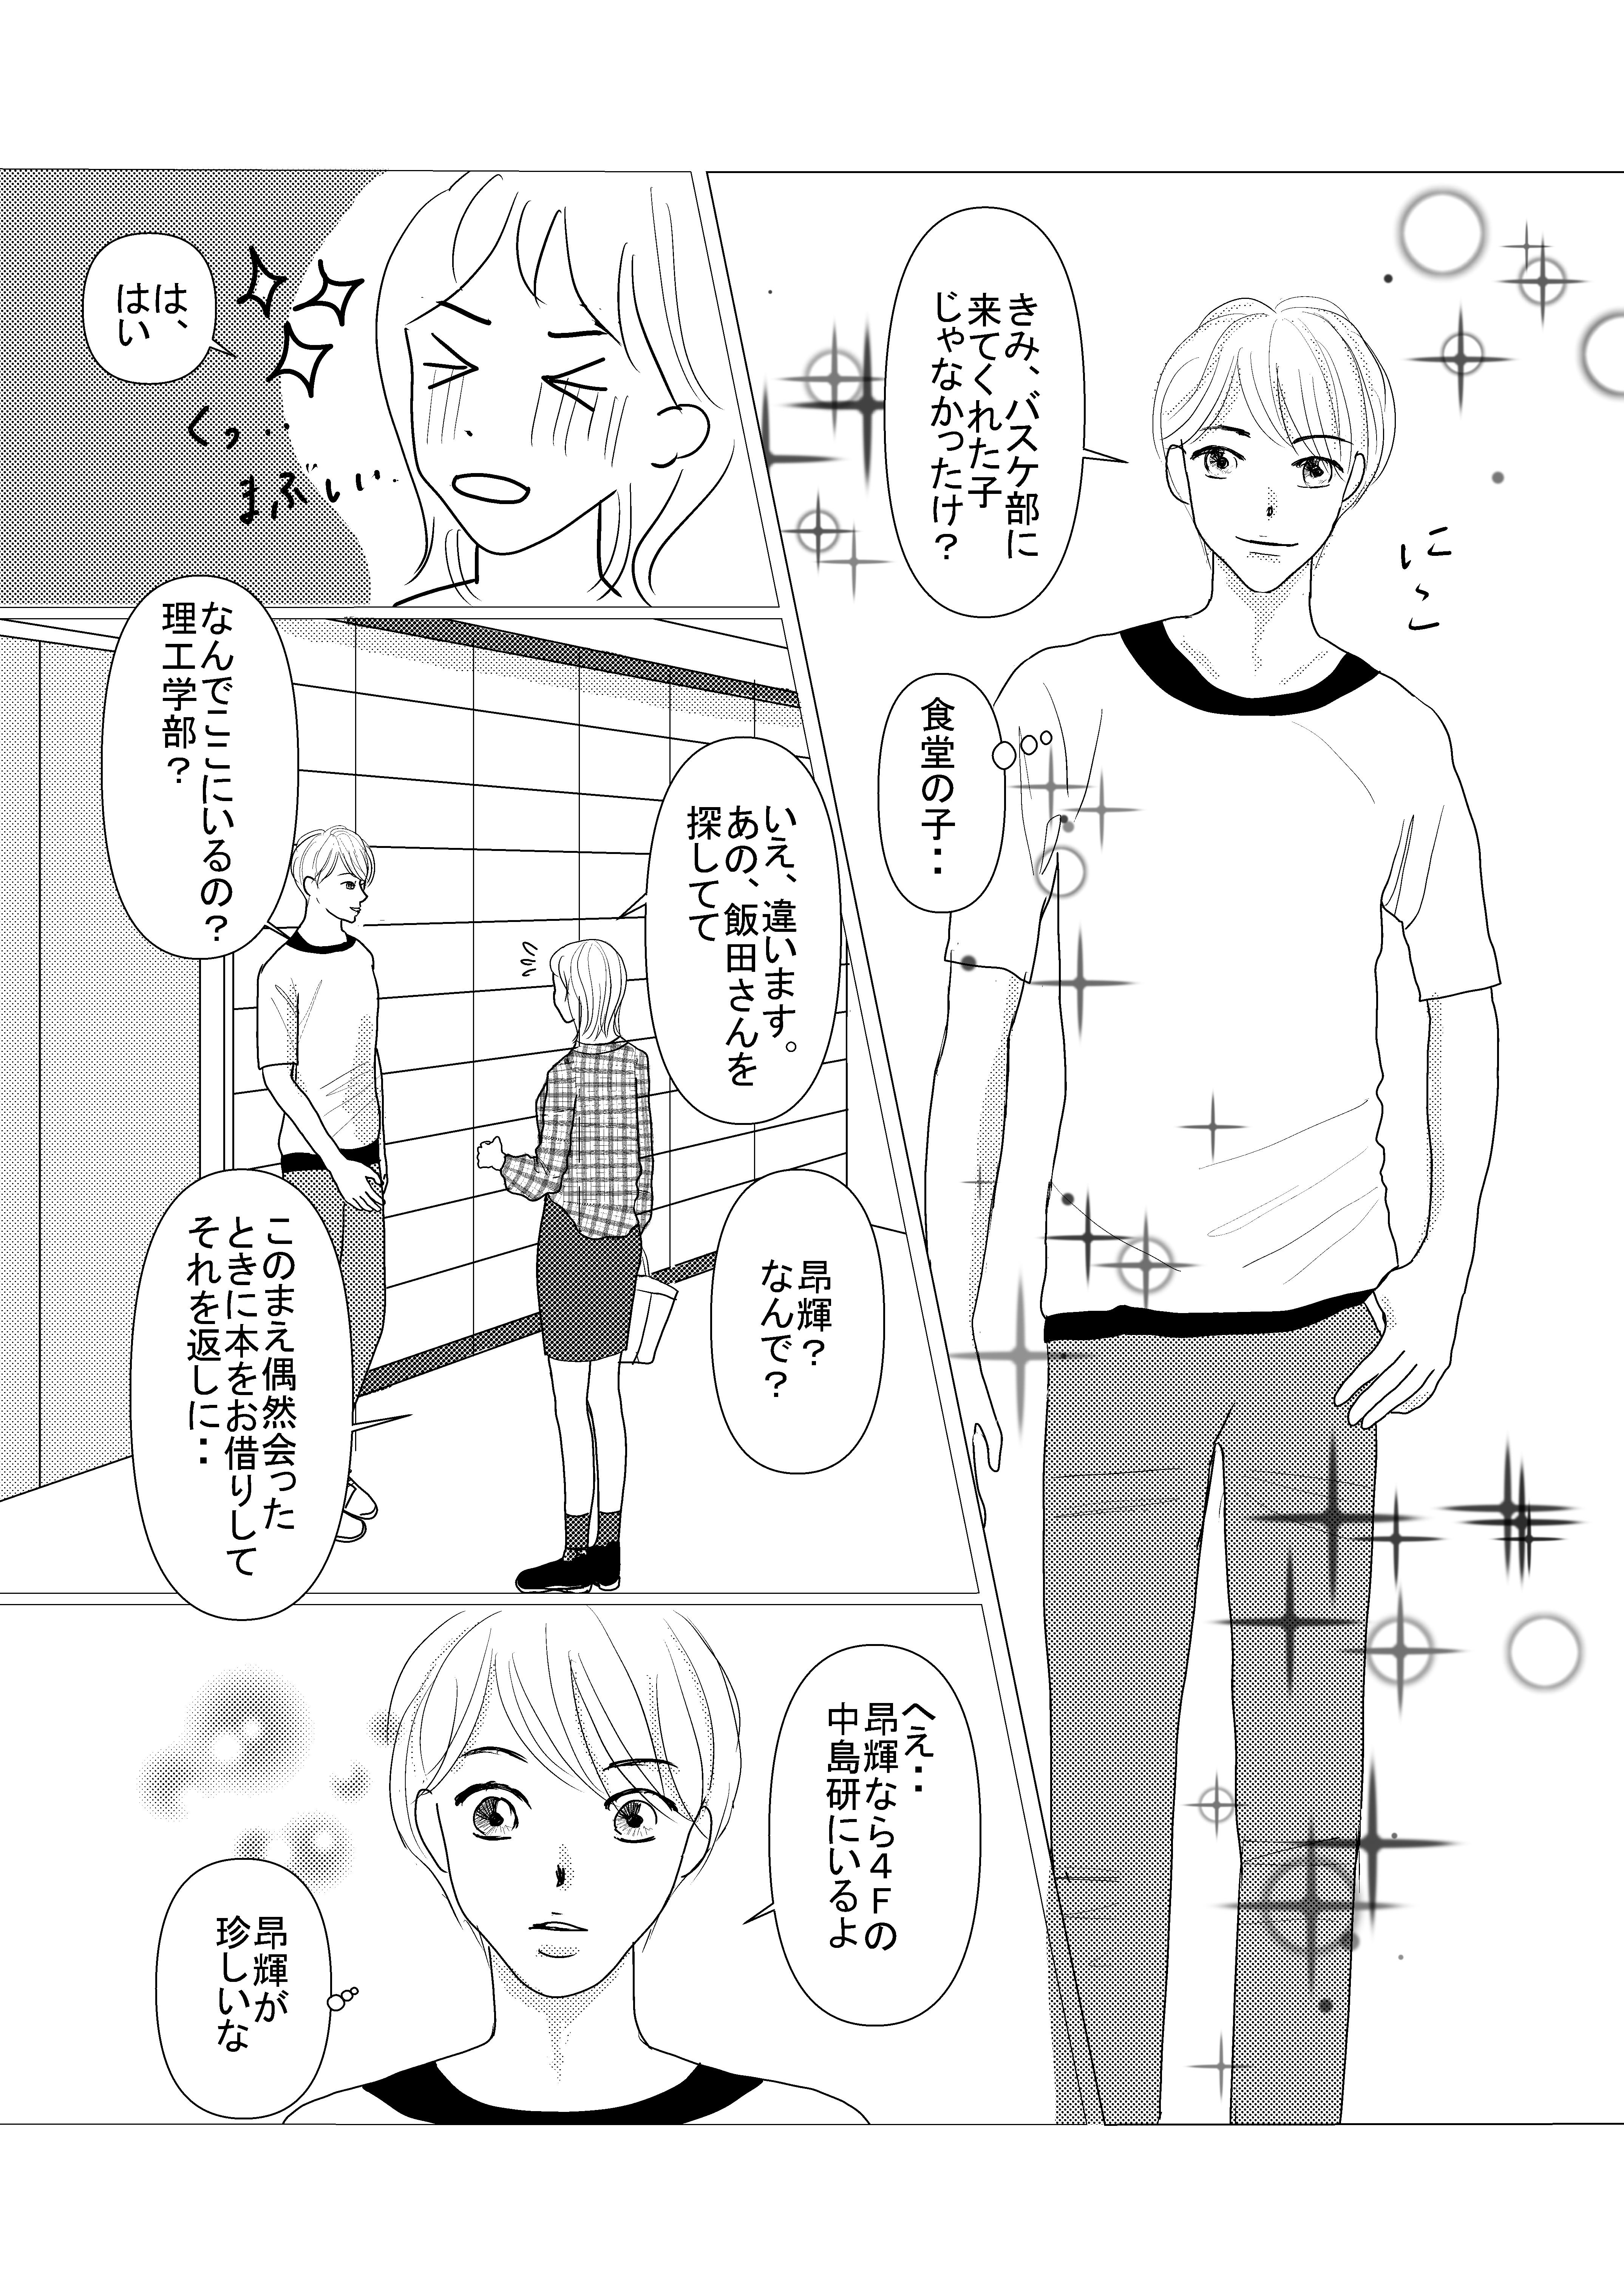 恋愛漫画/大学生/社会人/大学生で初めて付き合う/初めての彼氏/shoujyo manga/米加夢/41ページ